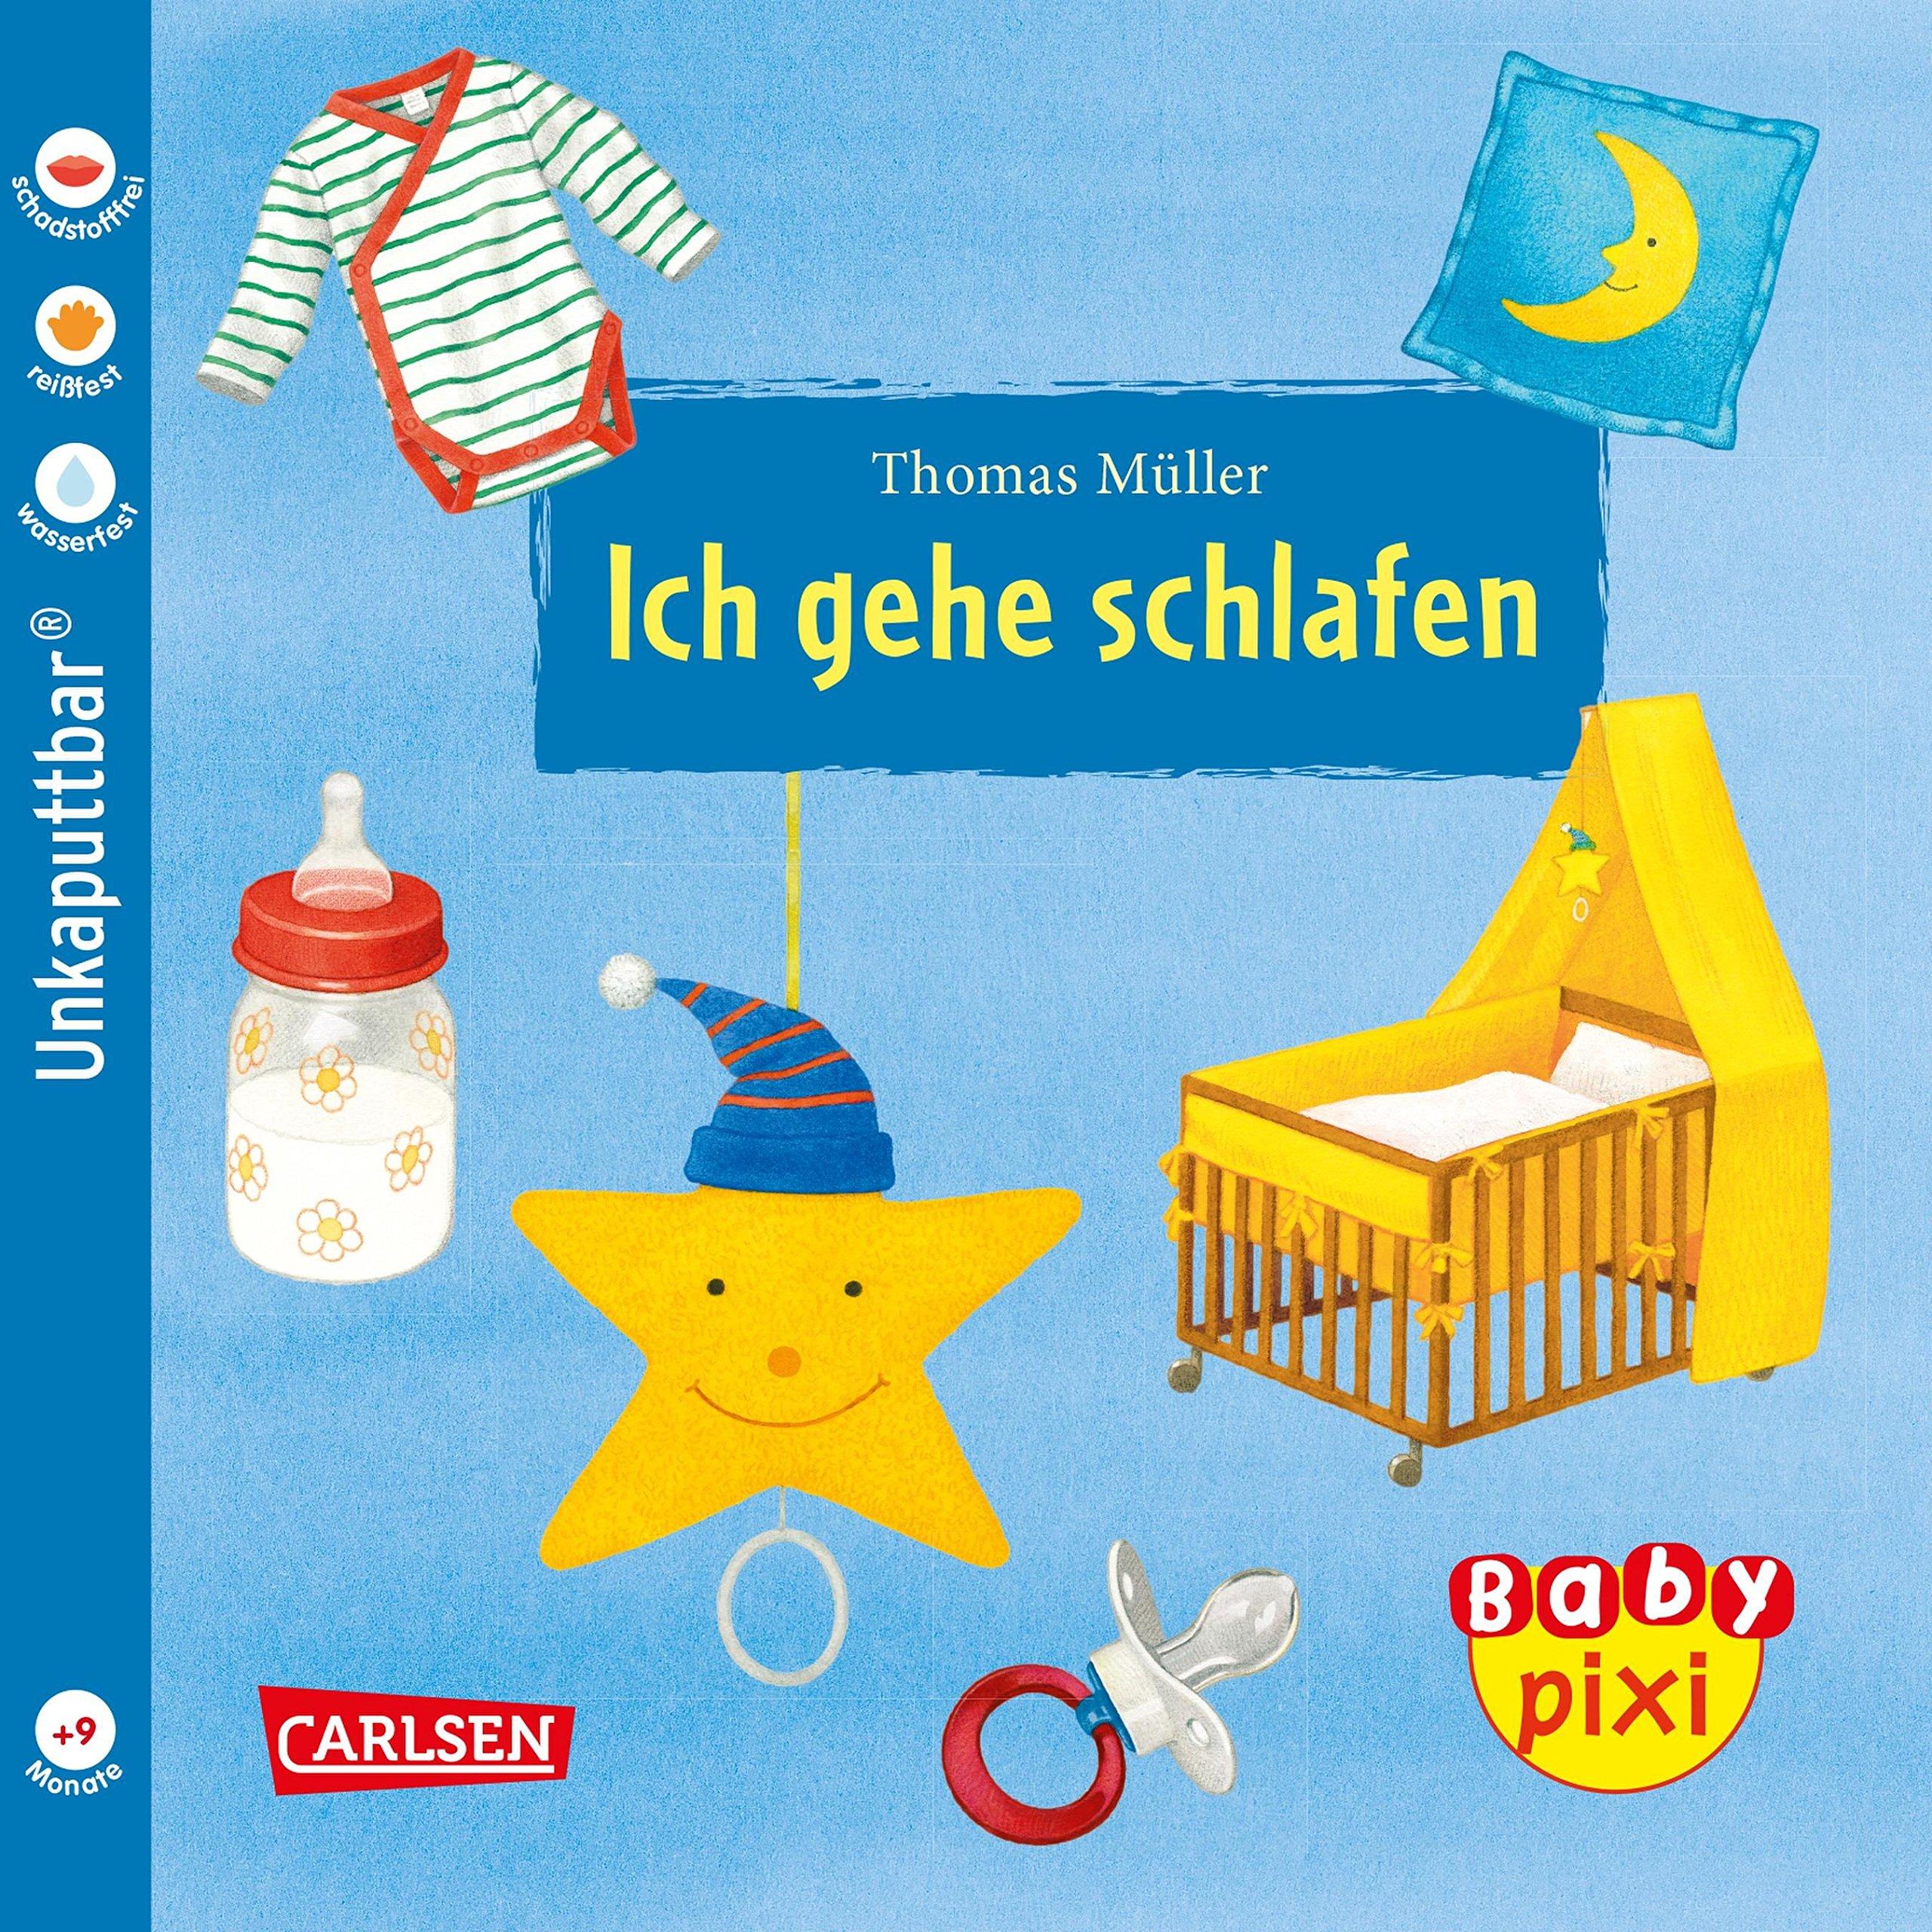 baby-pixi-51-ich-gehe-schlafen